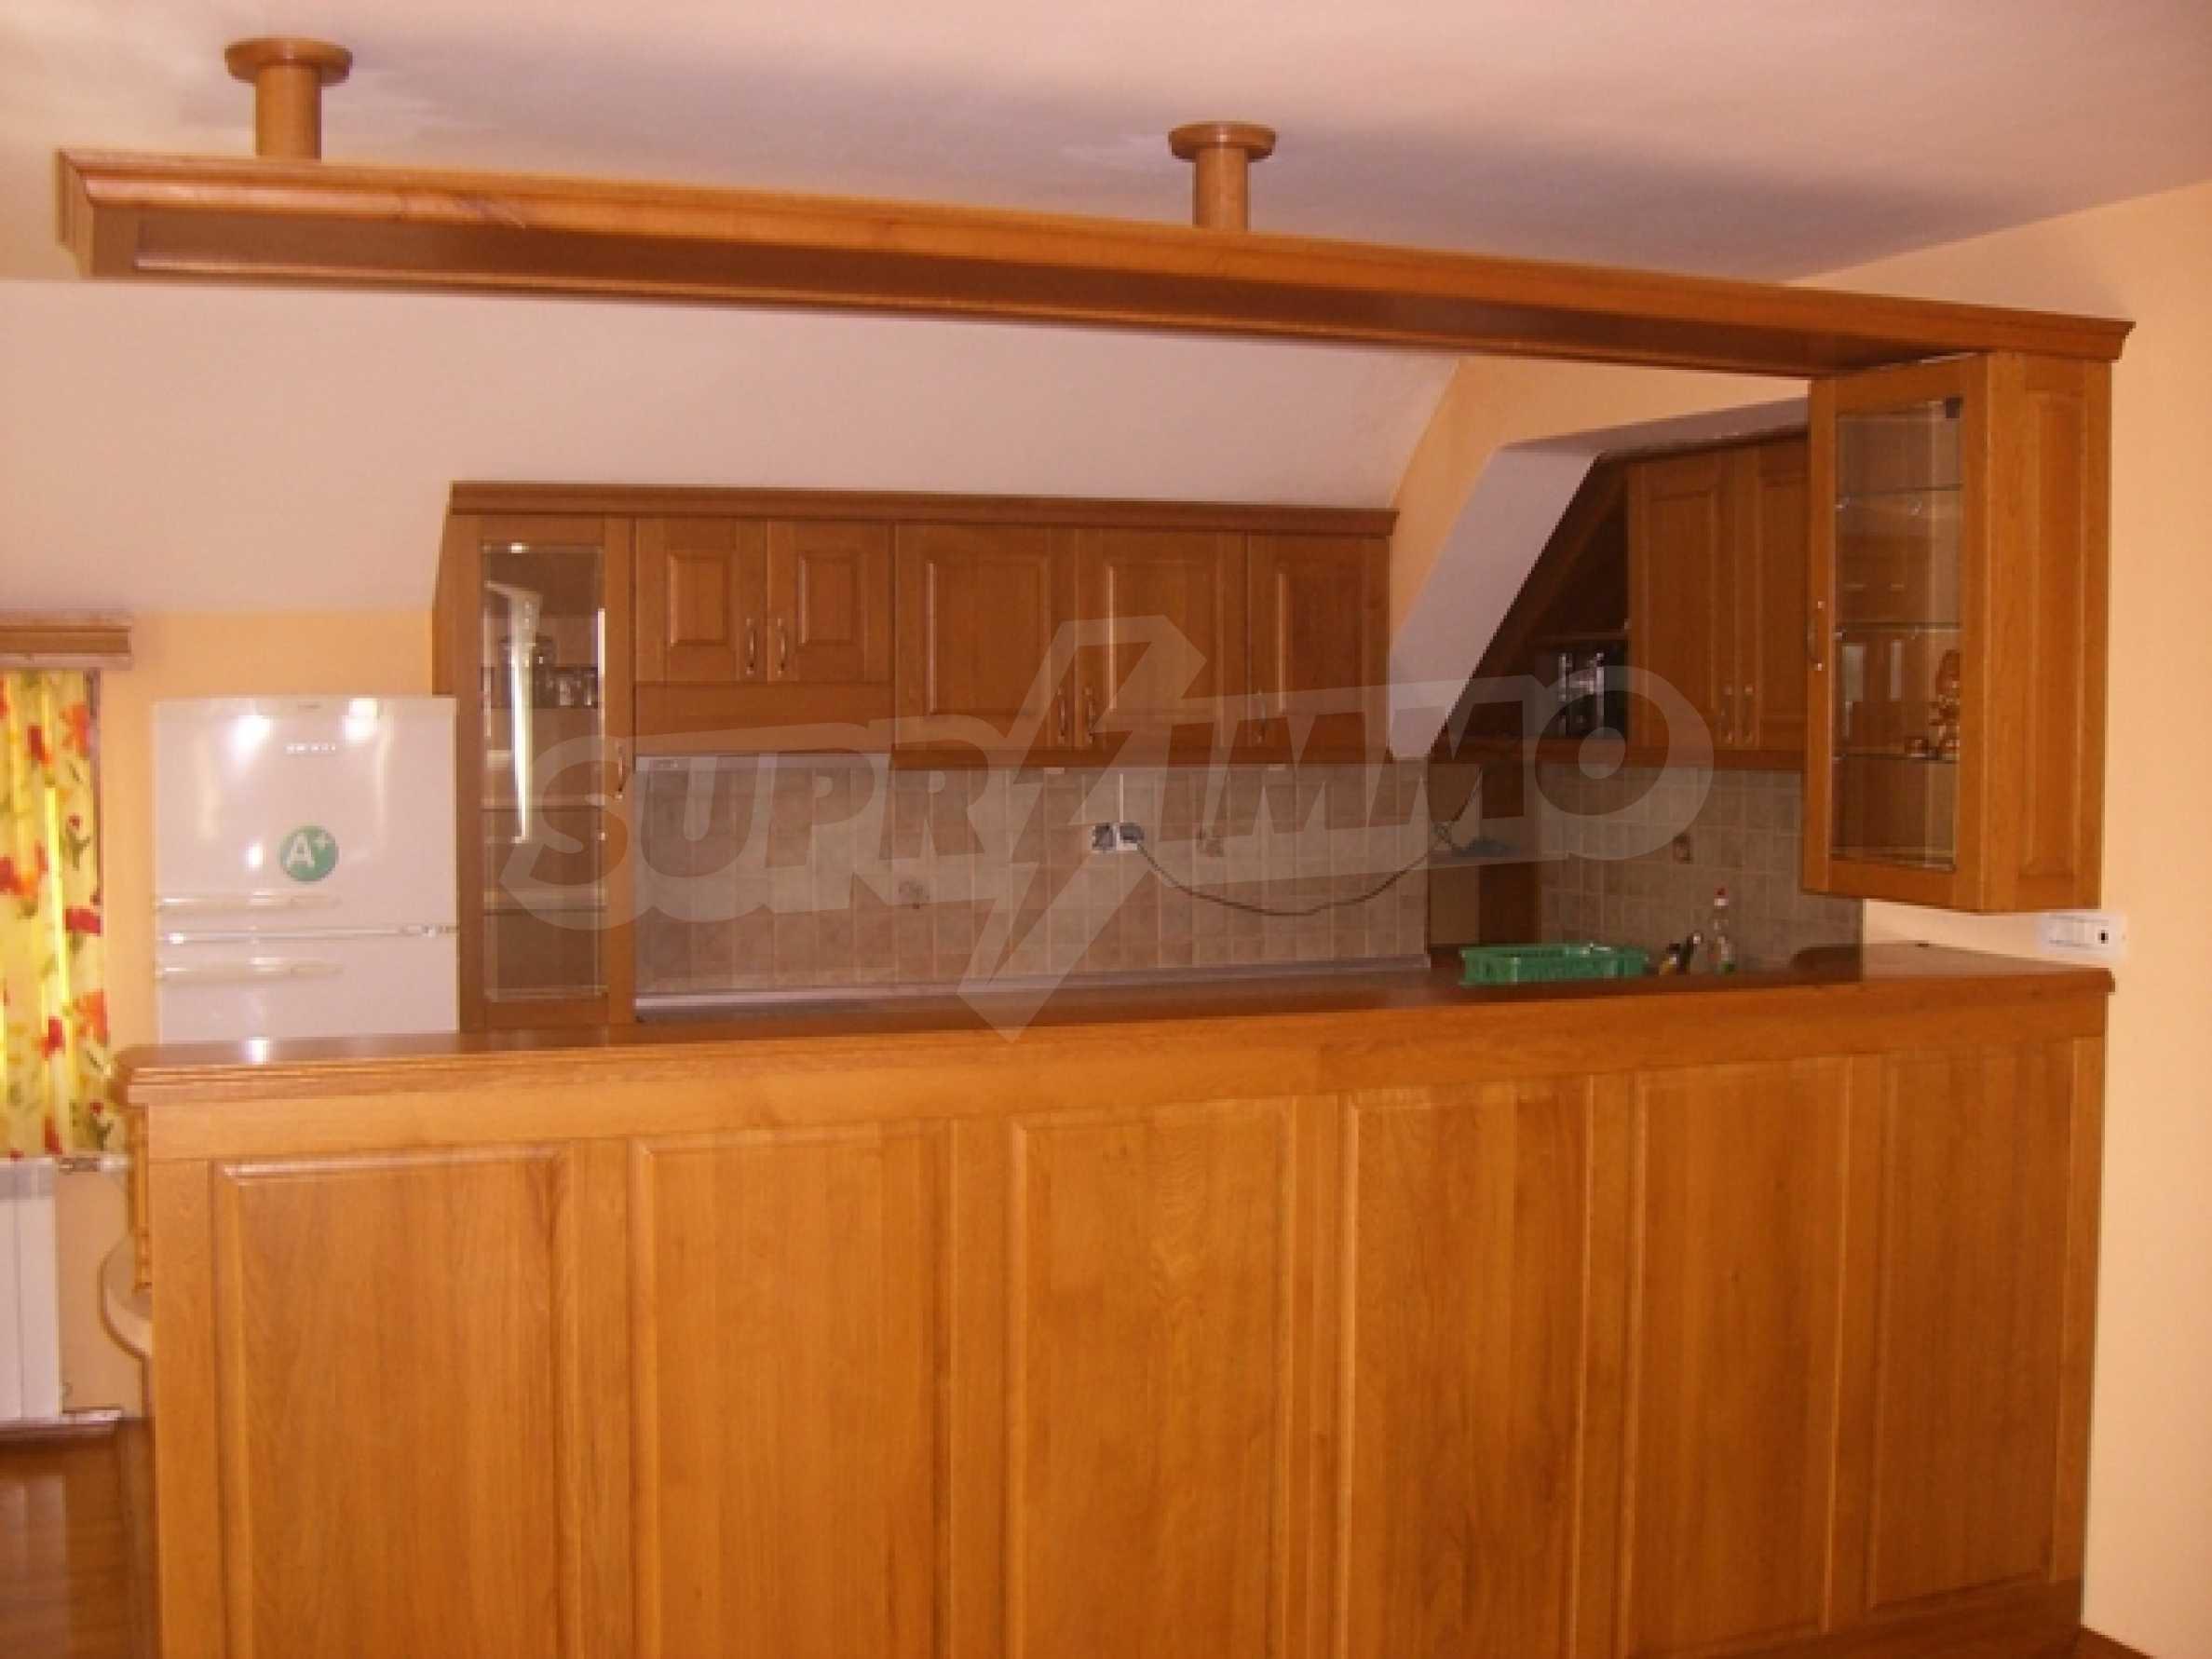 Residenz bulgarischen Traumhaus 36